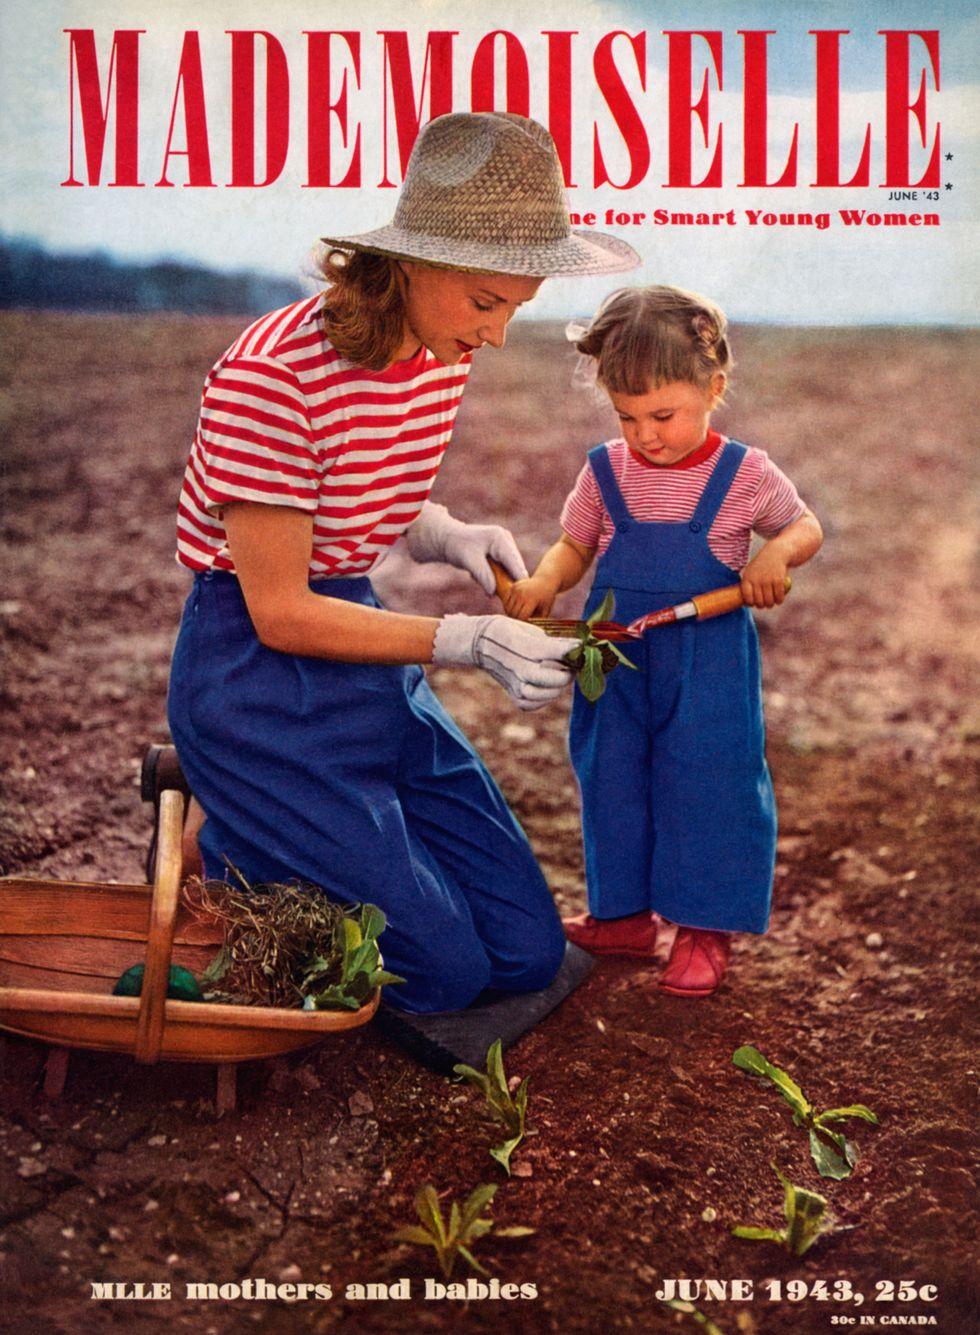 Bìa Mademoiselle, 1943 Quần jean - đủ bền để đi trong bụi bẩn, nhưng vẫn trông sang trọng - tạo vẻ duyên dáng cho trang bìa tạp chí Mademoiselle trong khoảnh khắc đáng yêu của mẹ và con.